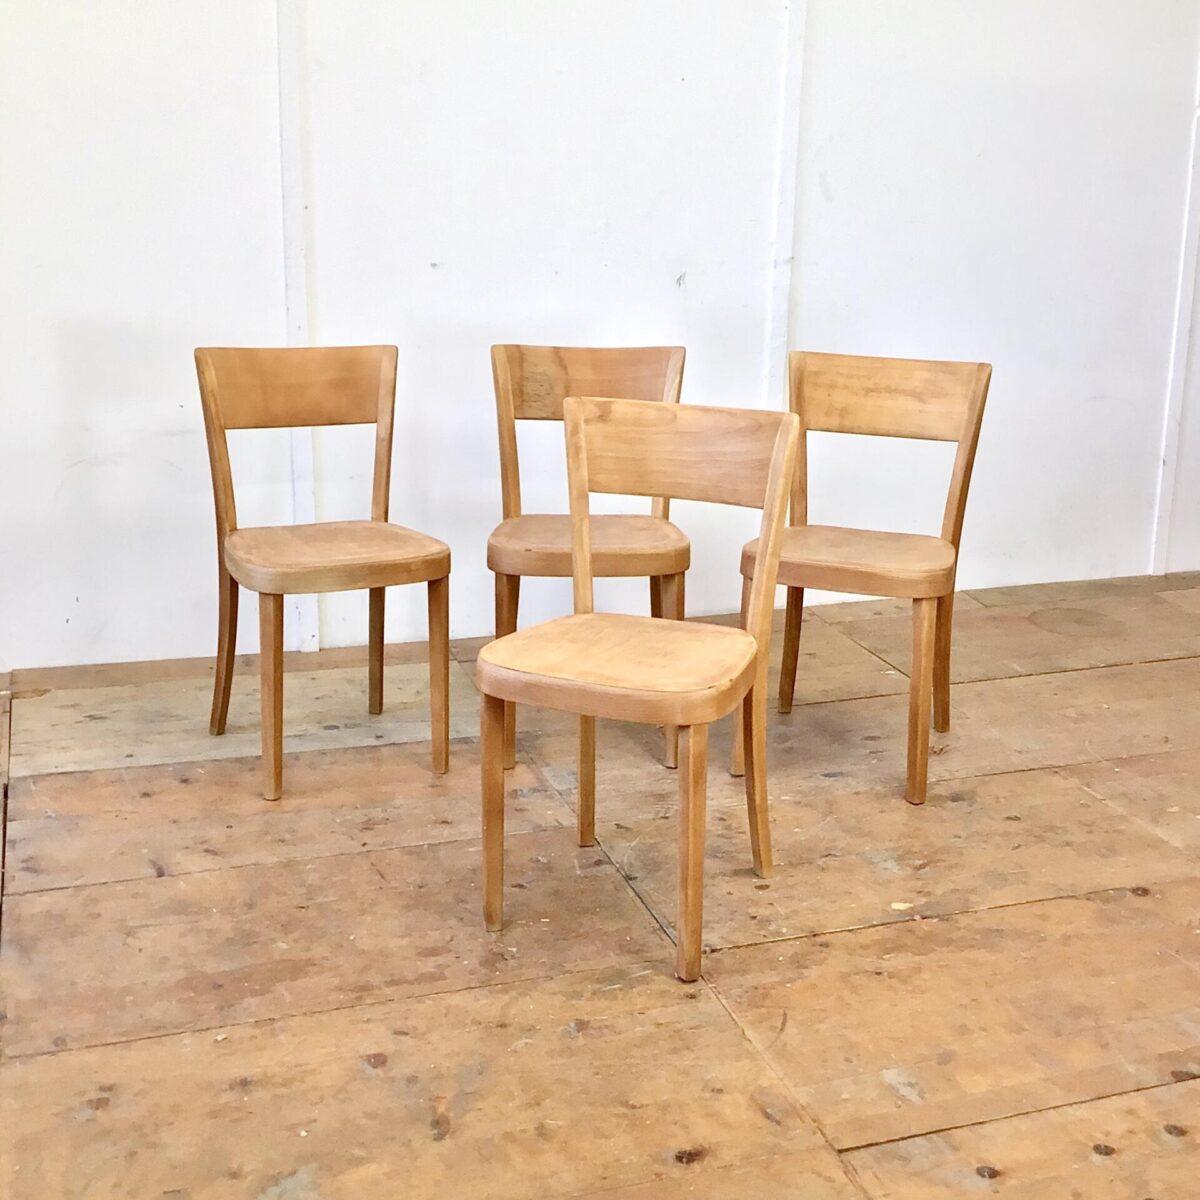 Deuxieme.shop Gut gelebte Esszimmer Stühle von horgenglarus. Frisch verleimt komplett geschliffen und geölt. Warme matte honiggelbe Ausstrahlung. Teilweise deutliche Alterspatina. Beizenstühle von horgenglarus sind fast alle sehr bequem und langlebig.